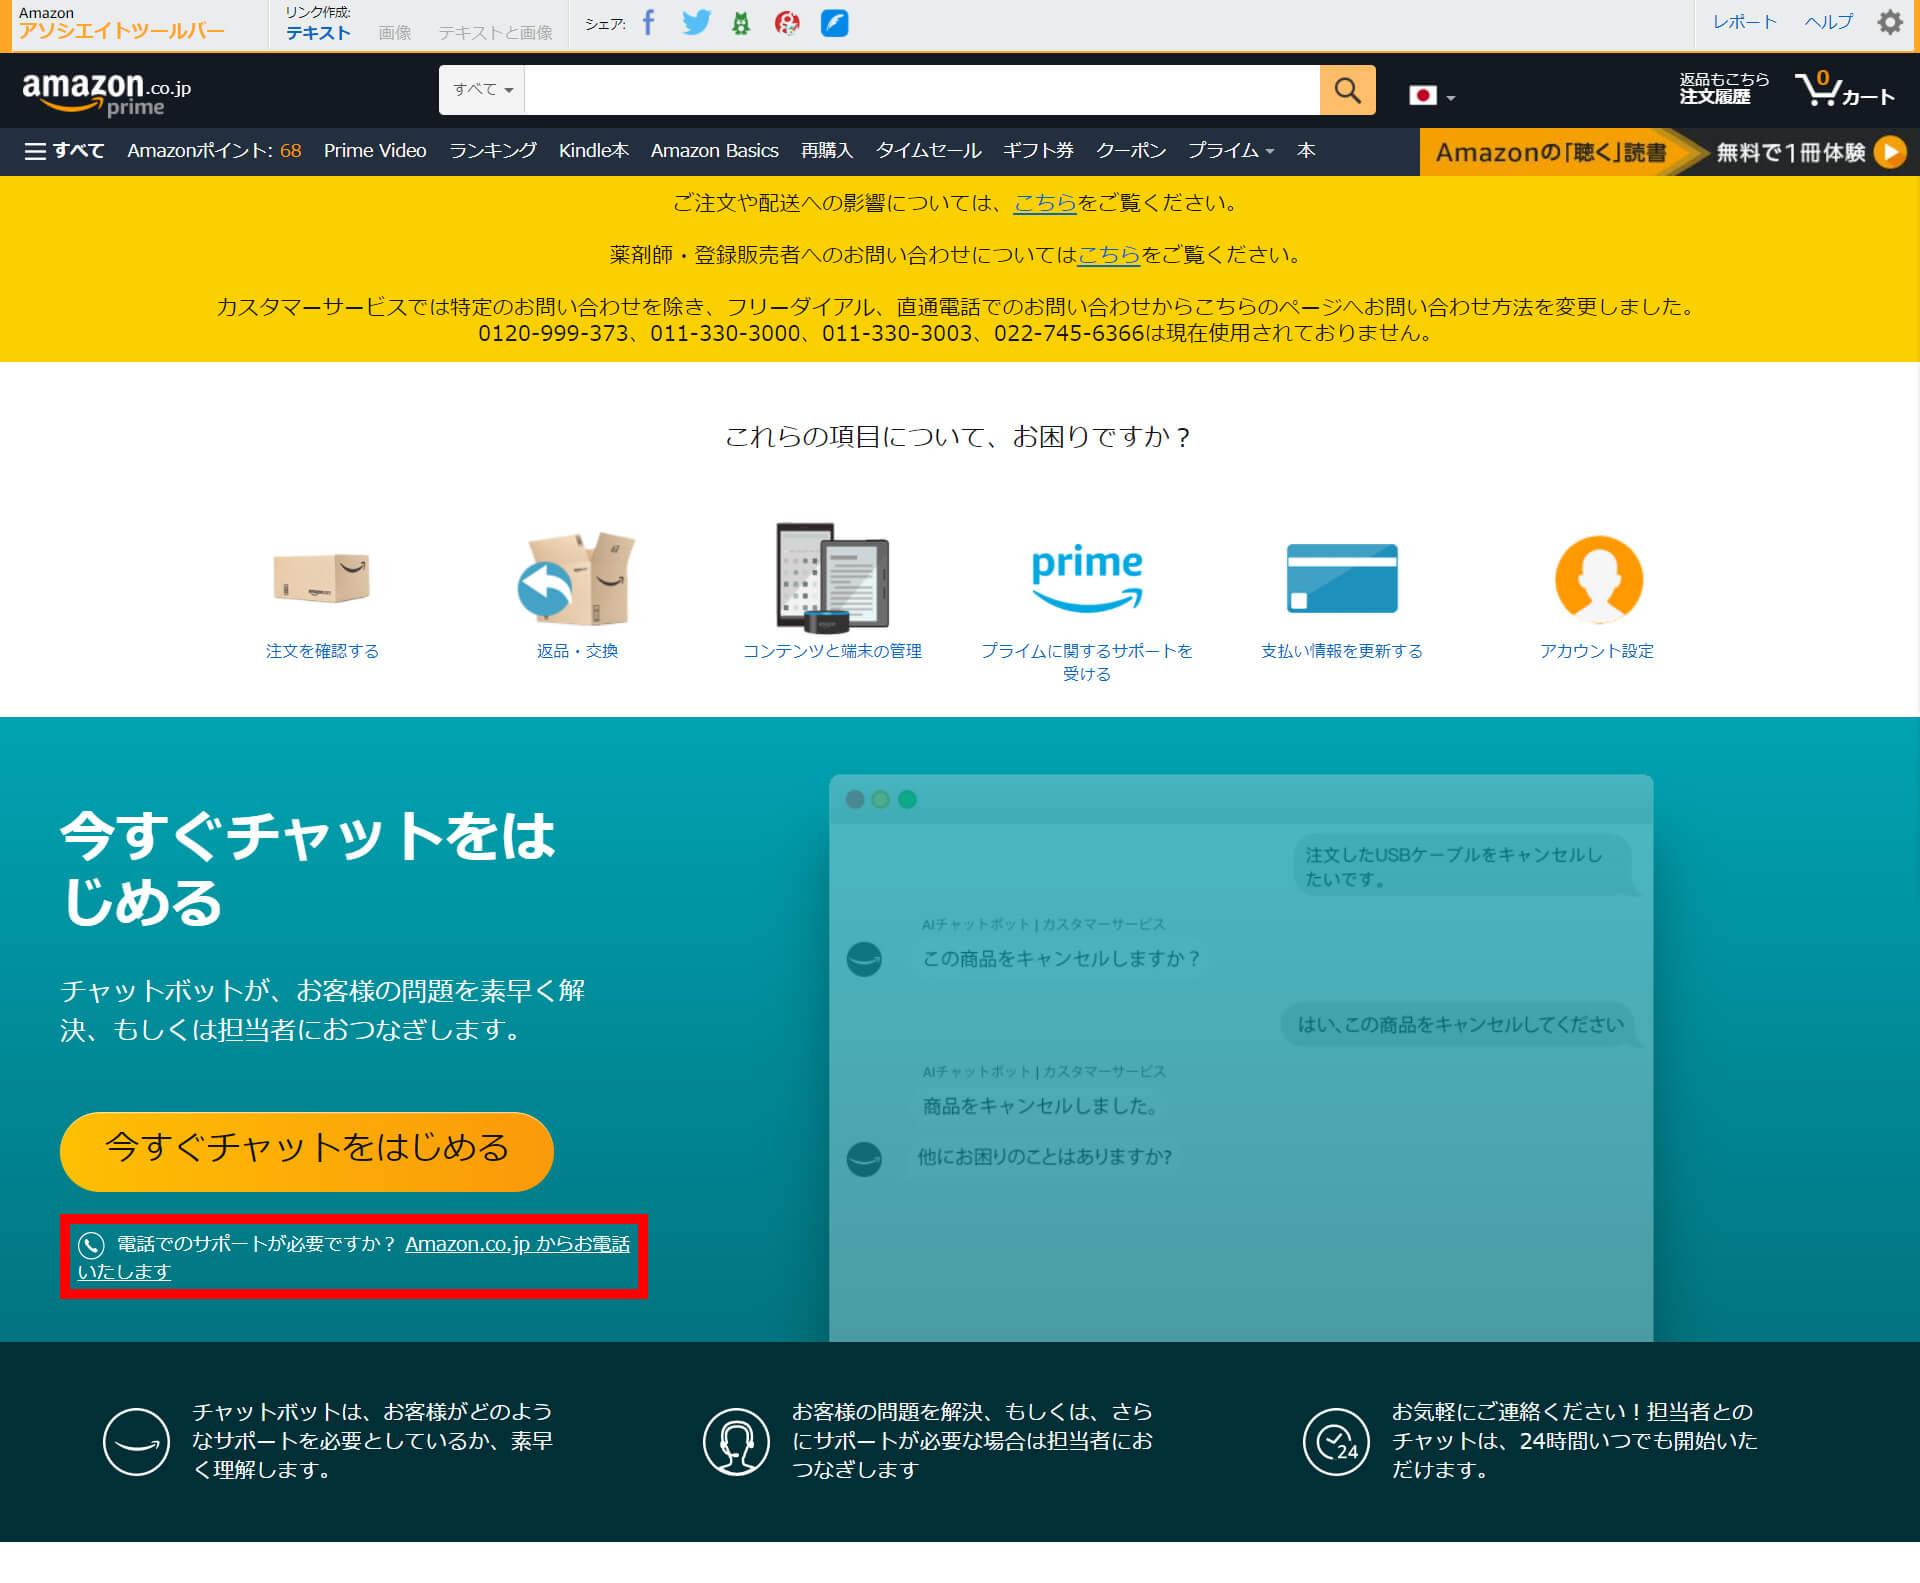 【置き配】Amazonで誤配送があった場合の対処方法 (1)